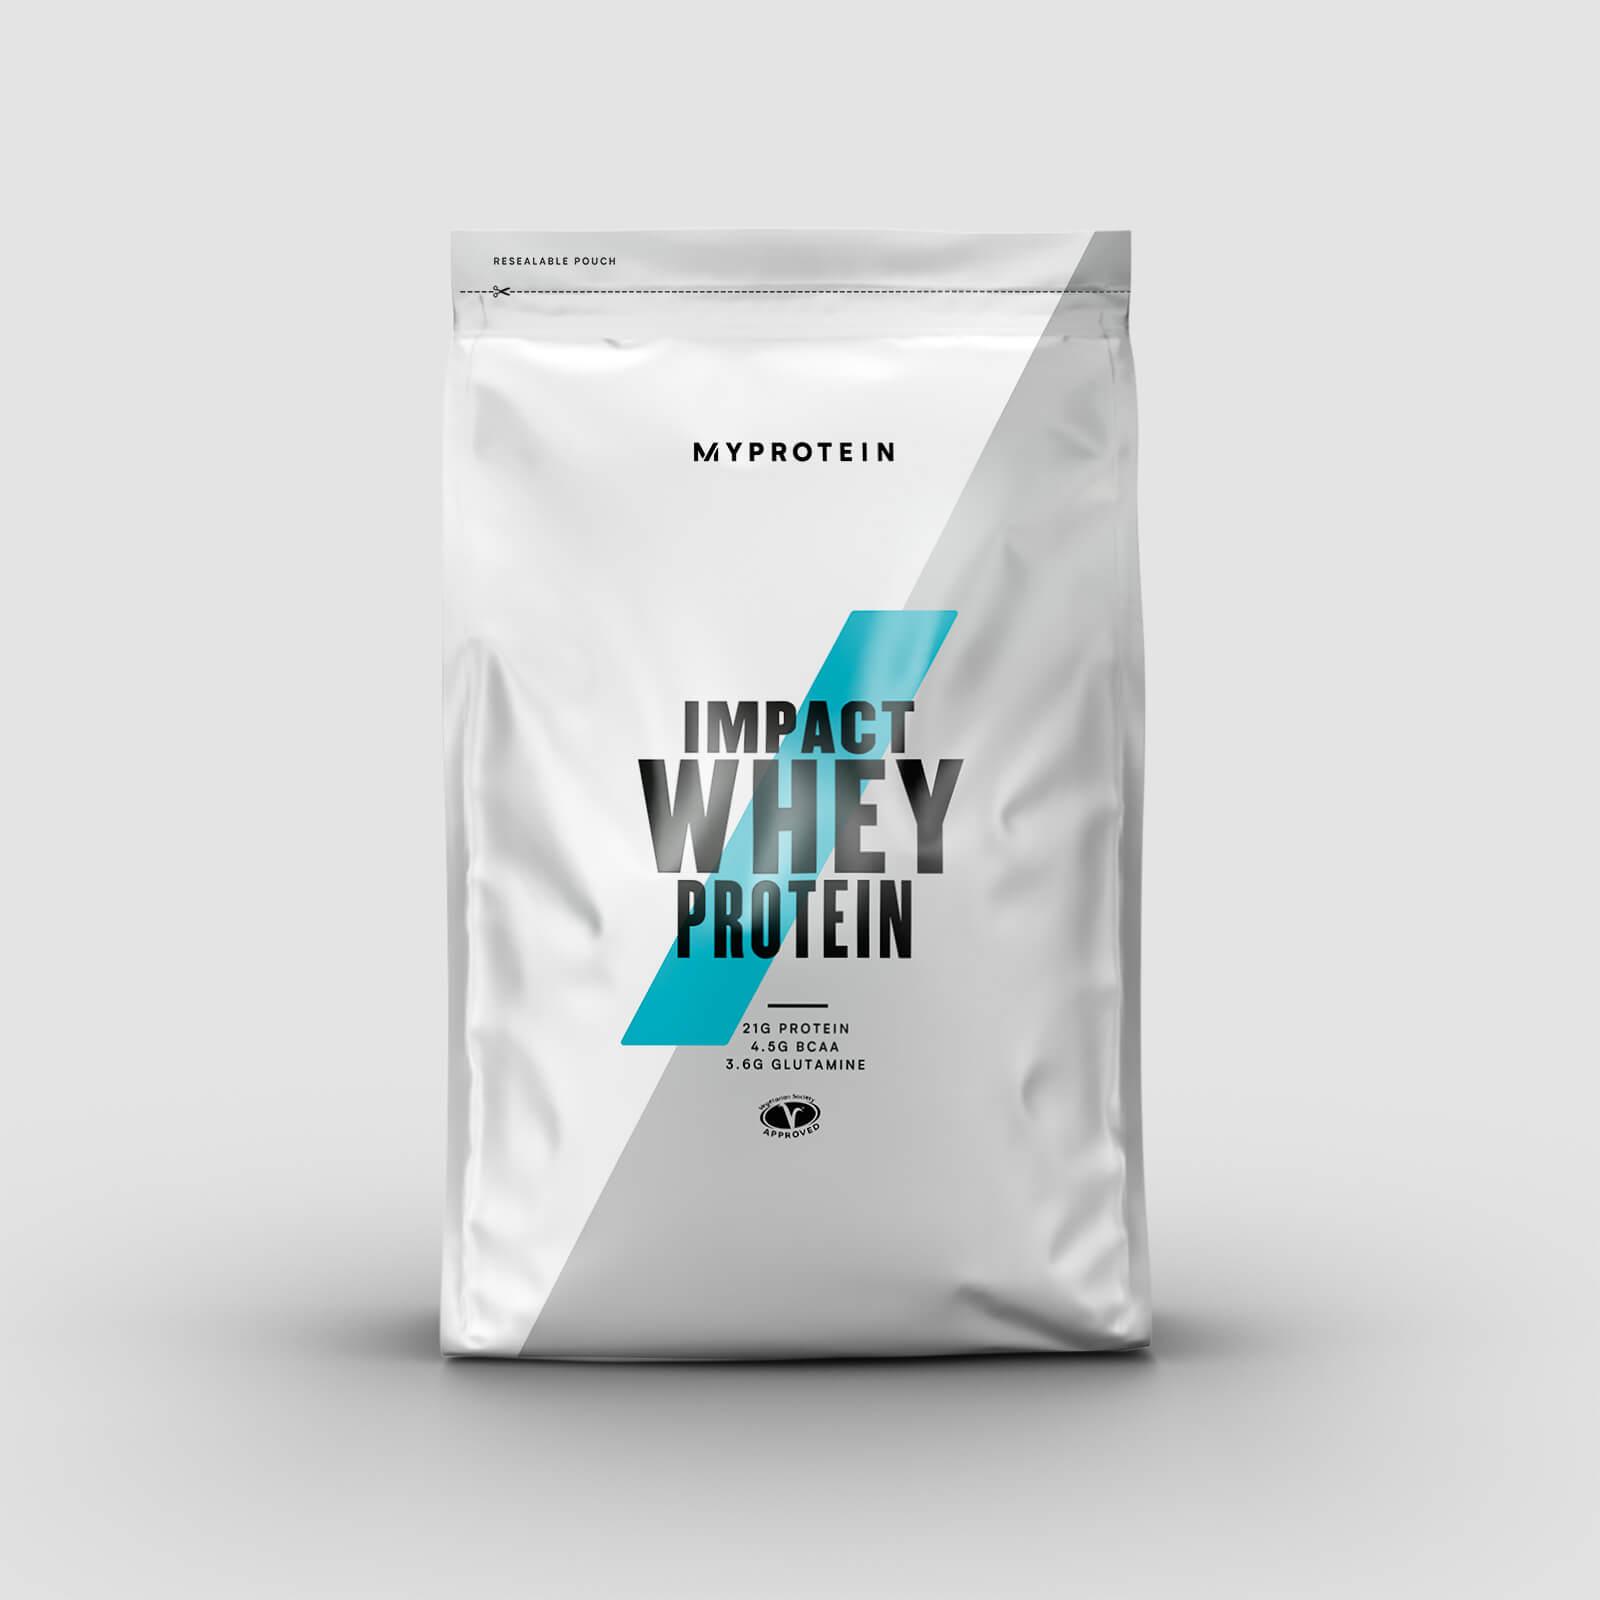 Myprotein Impact Whey Protein - 1kg - Chocolat blanc